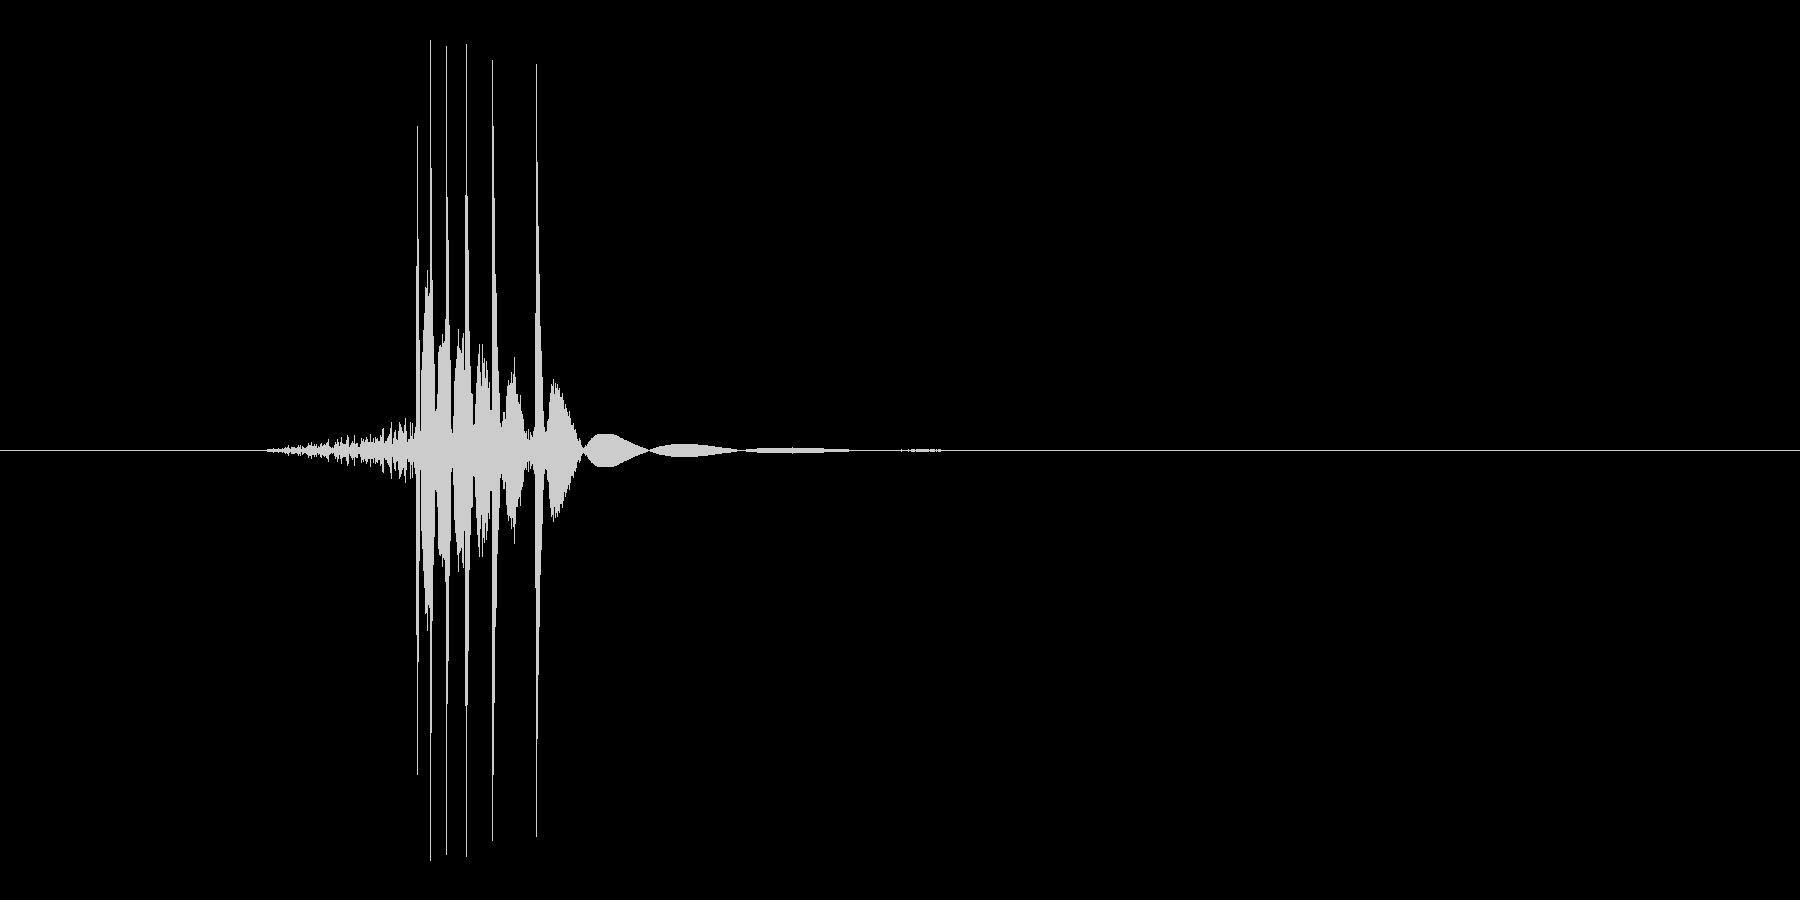 ゲーム(ファミコン風)ヒット音_013の未再生の波形